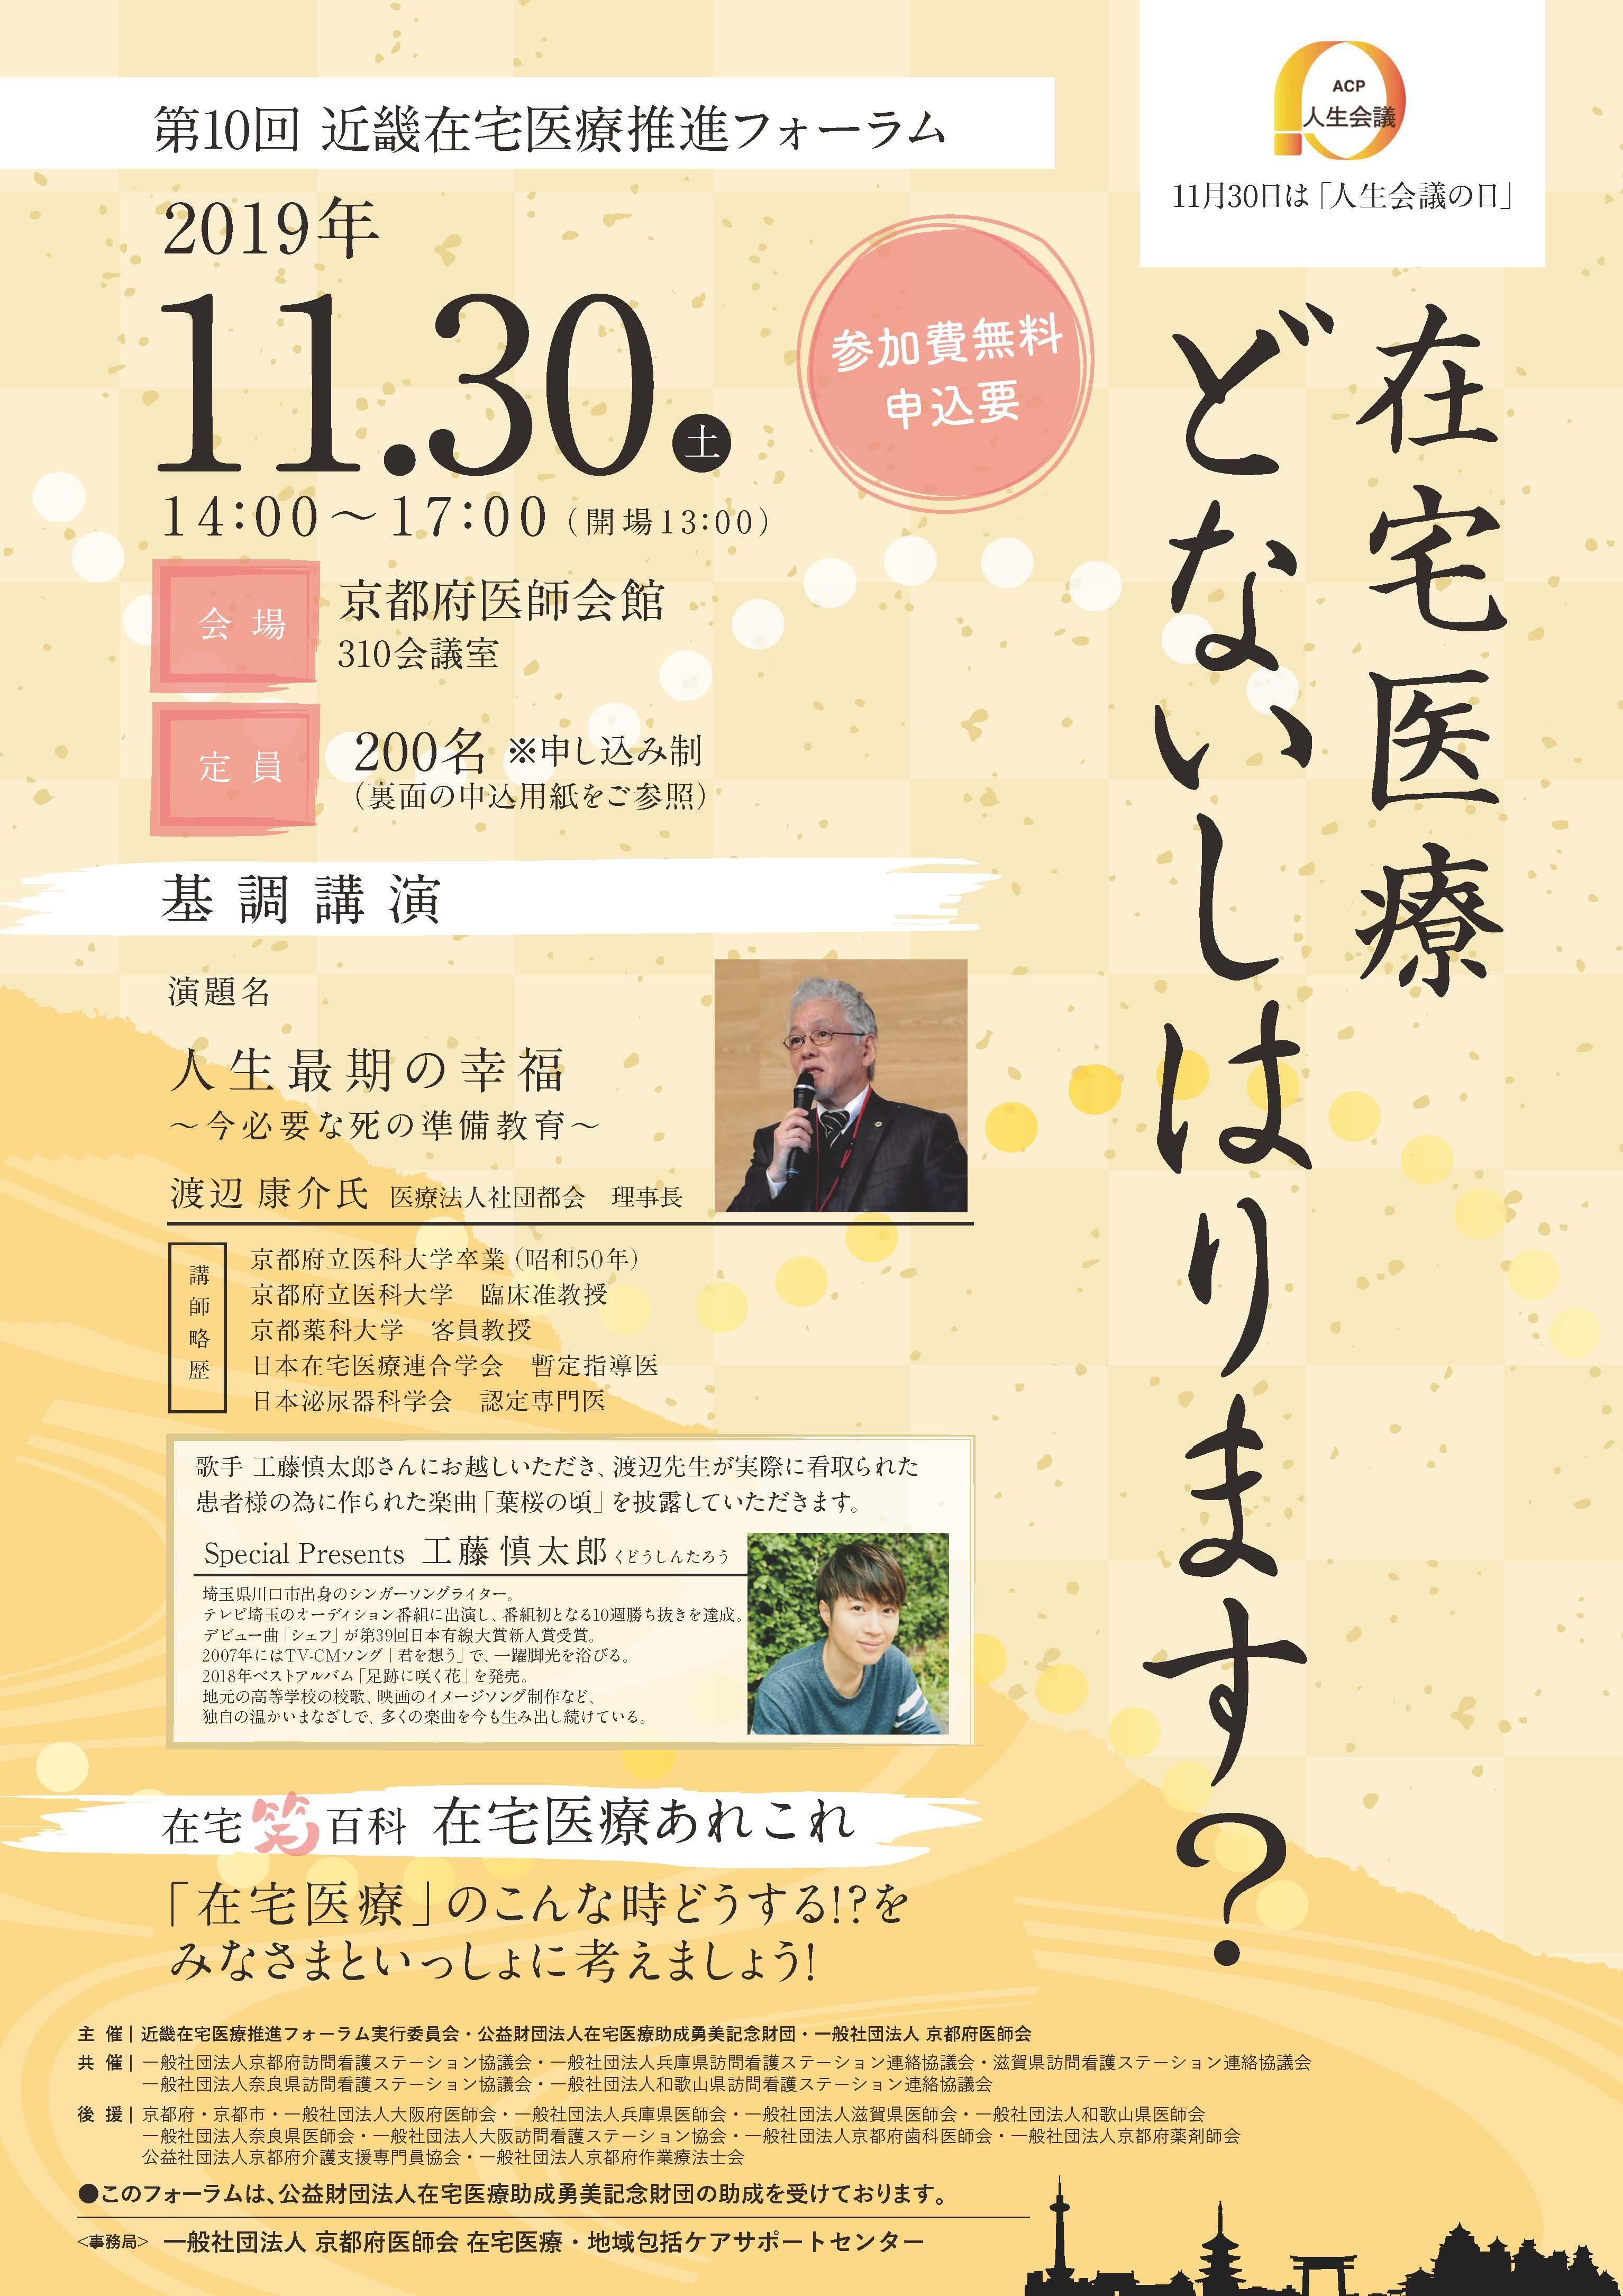 2019-09-02-01-zaitaku